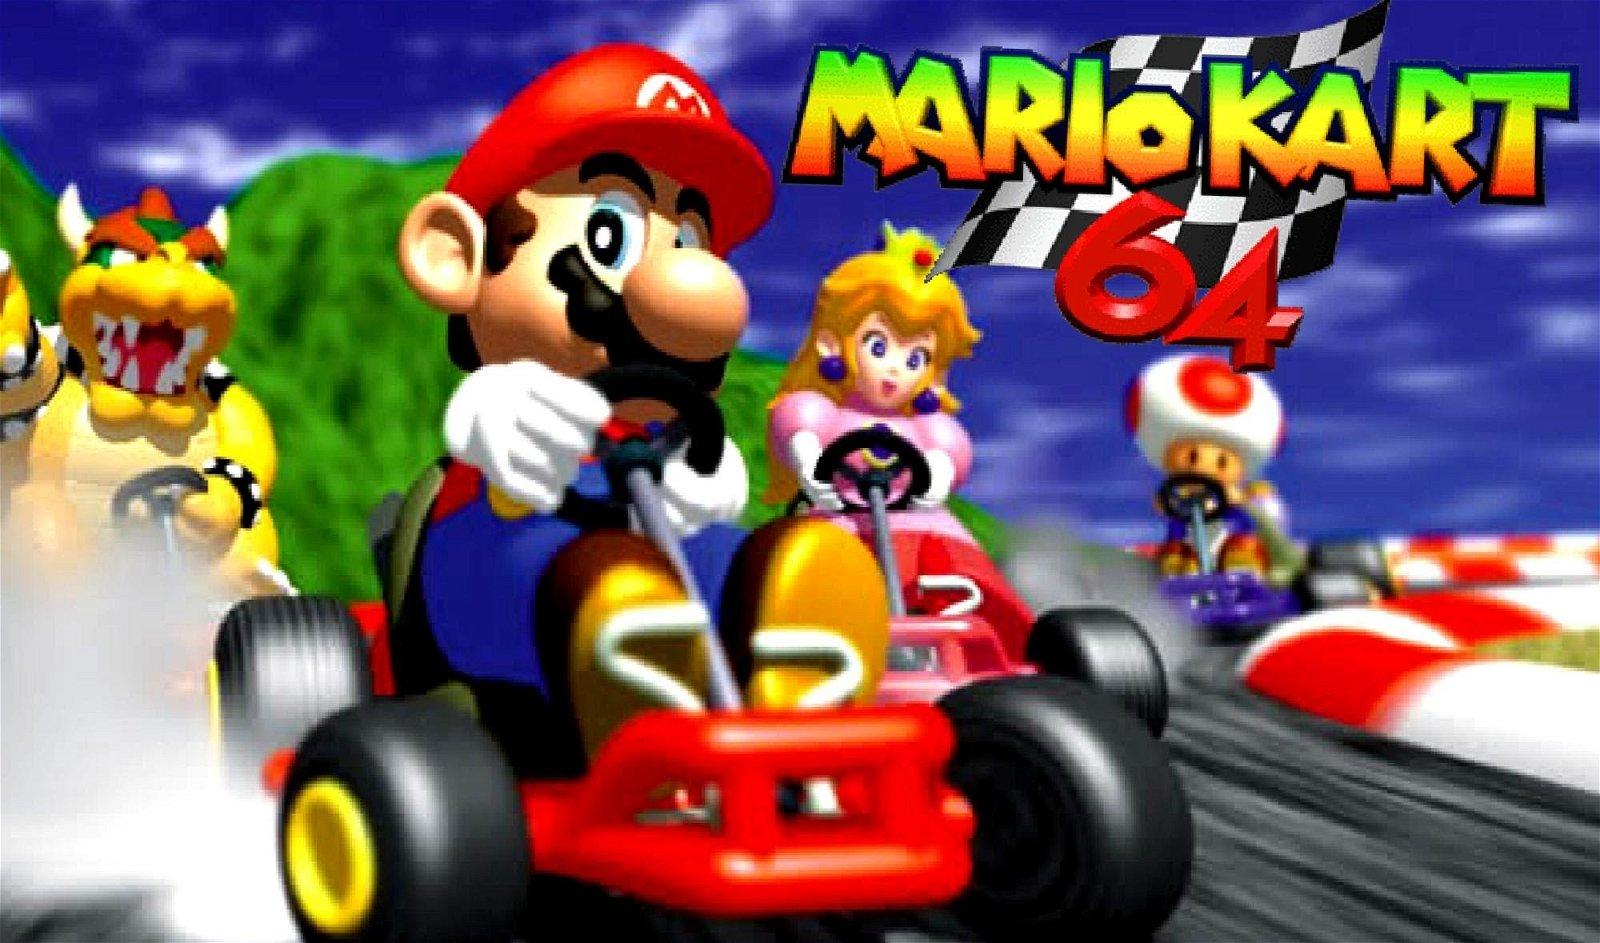 Mario Kart 64: Logran jugar usando como mando un coche de verdad